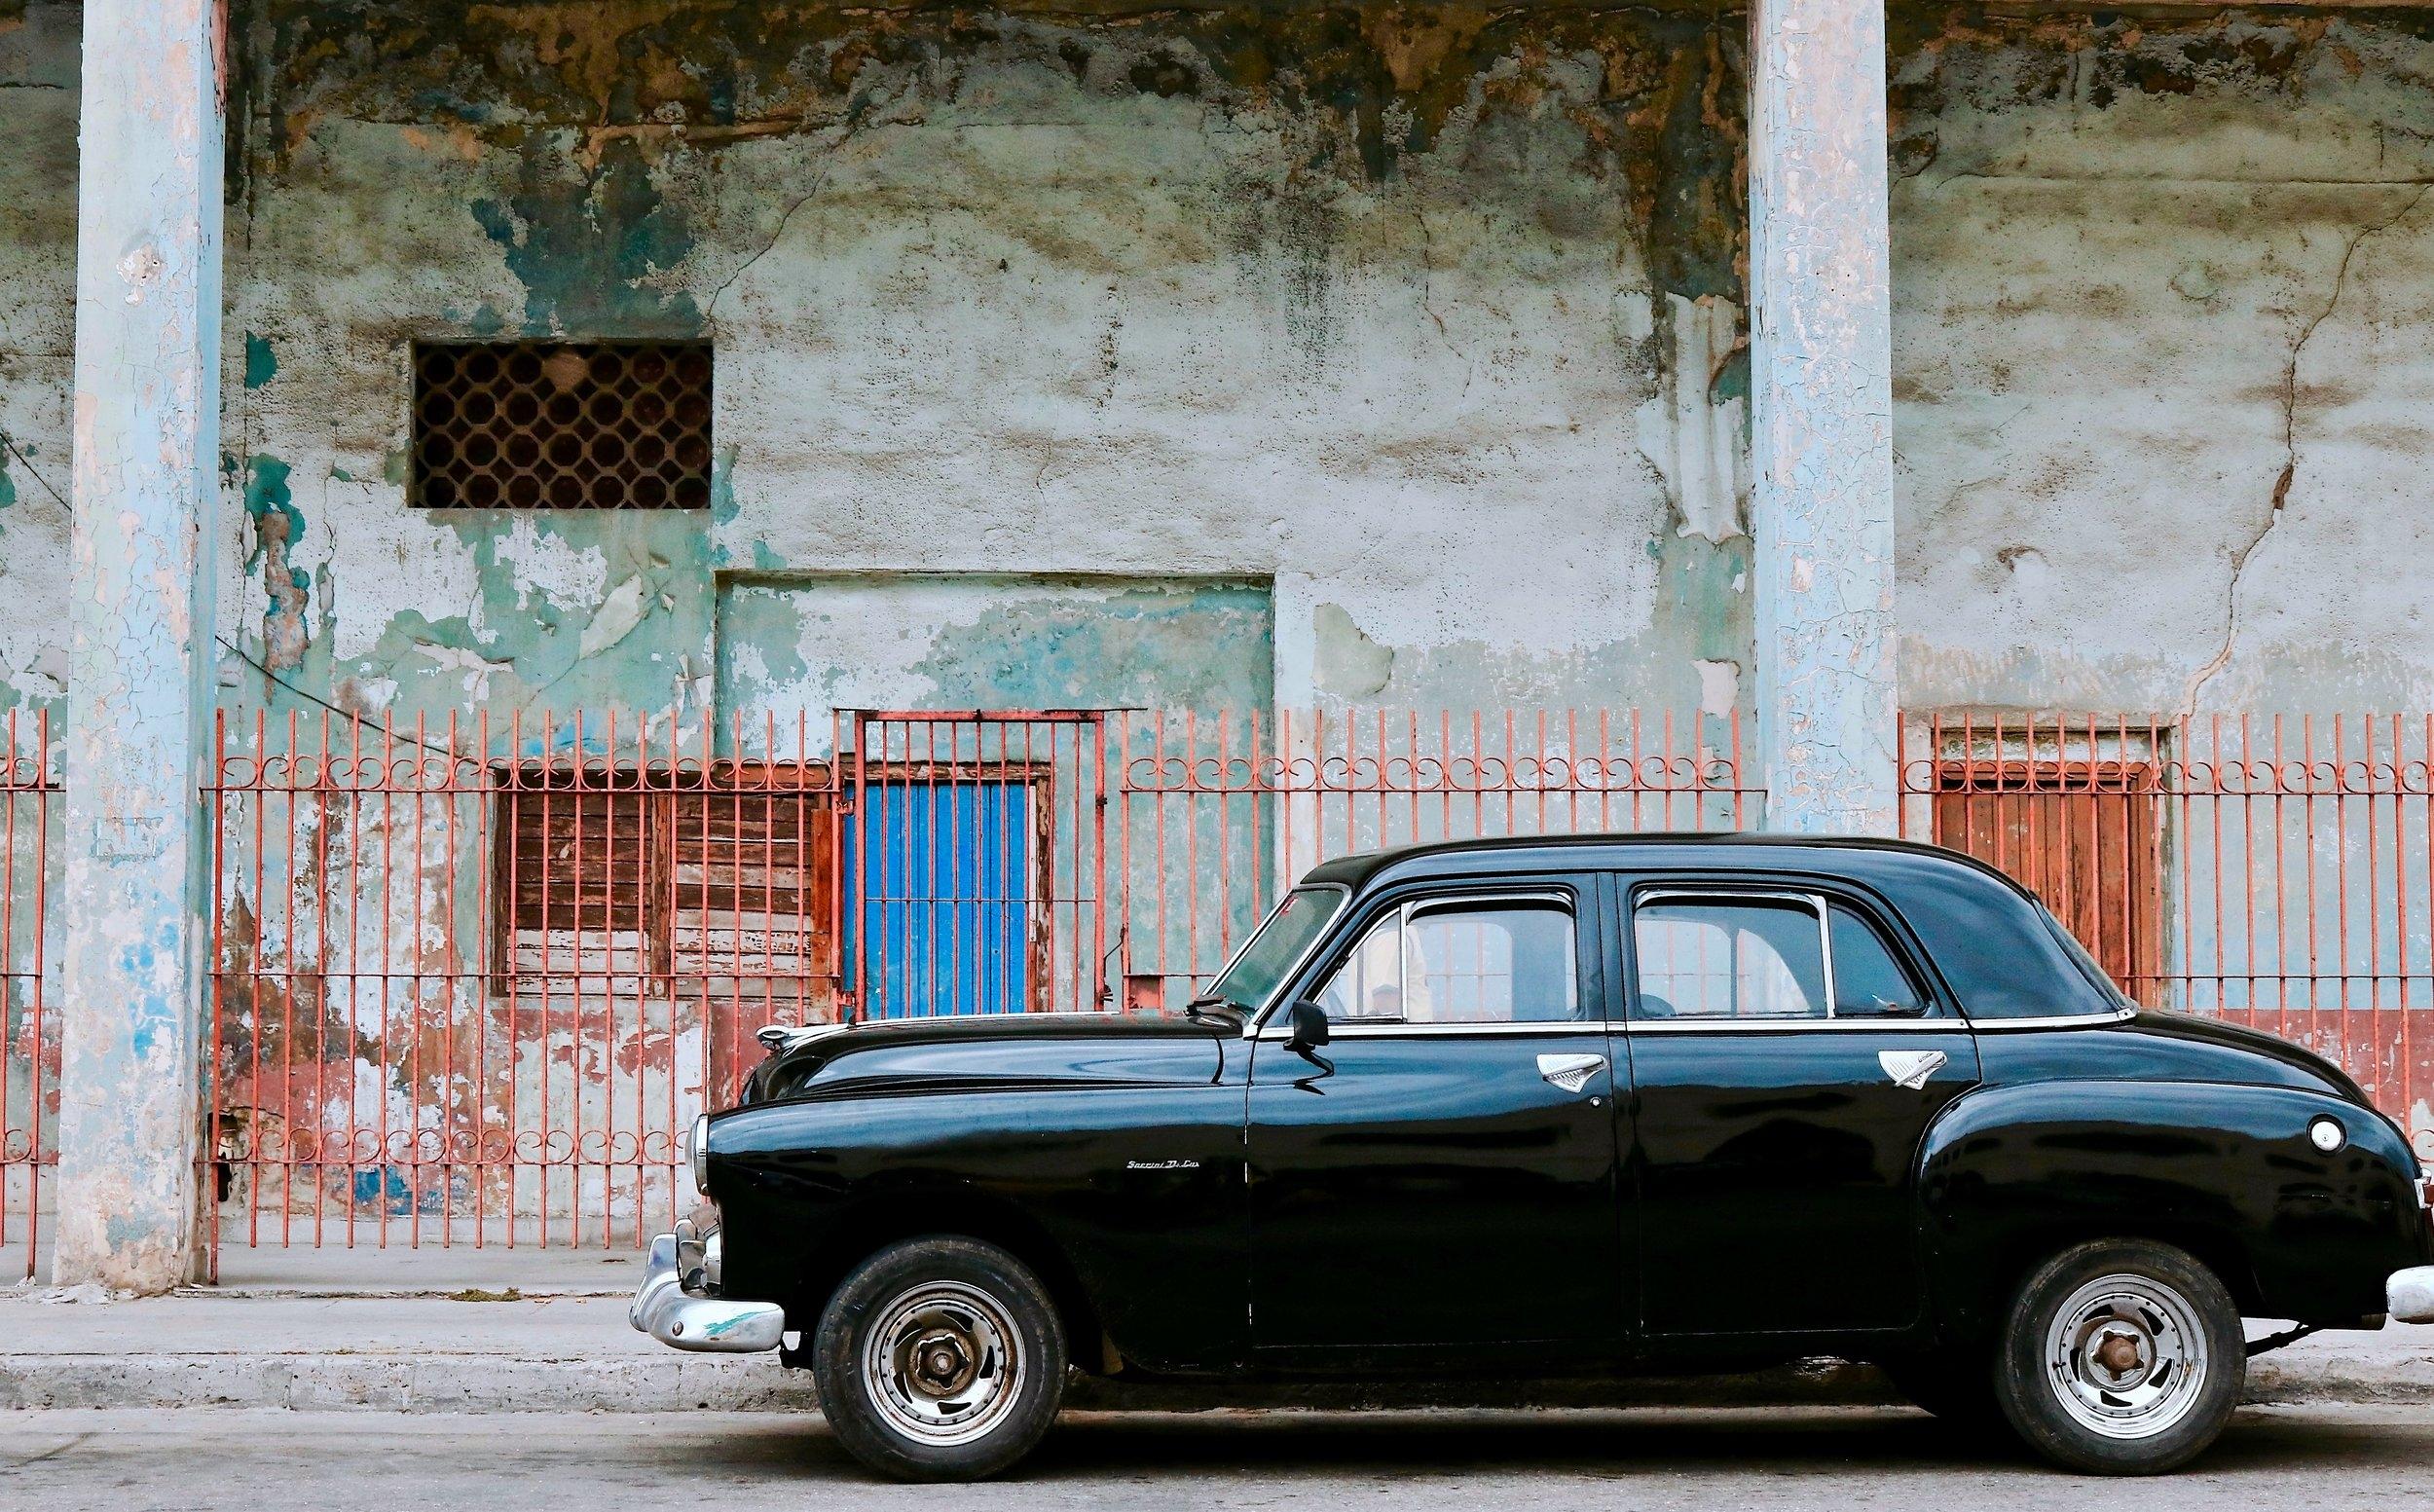 Cuba Series 2016